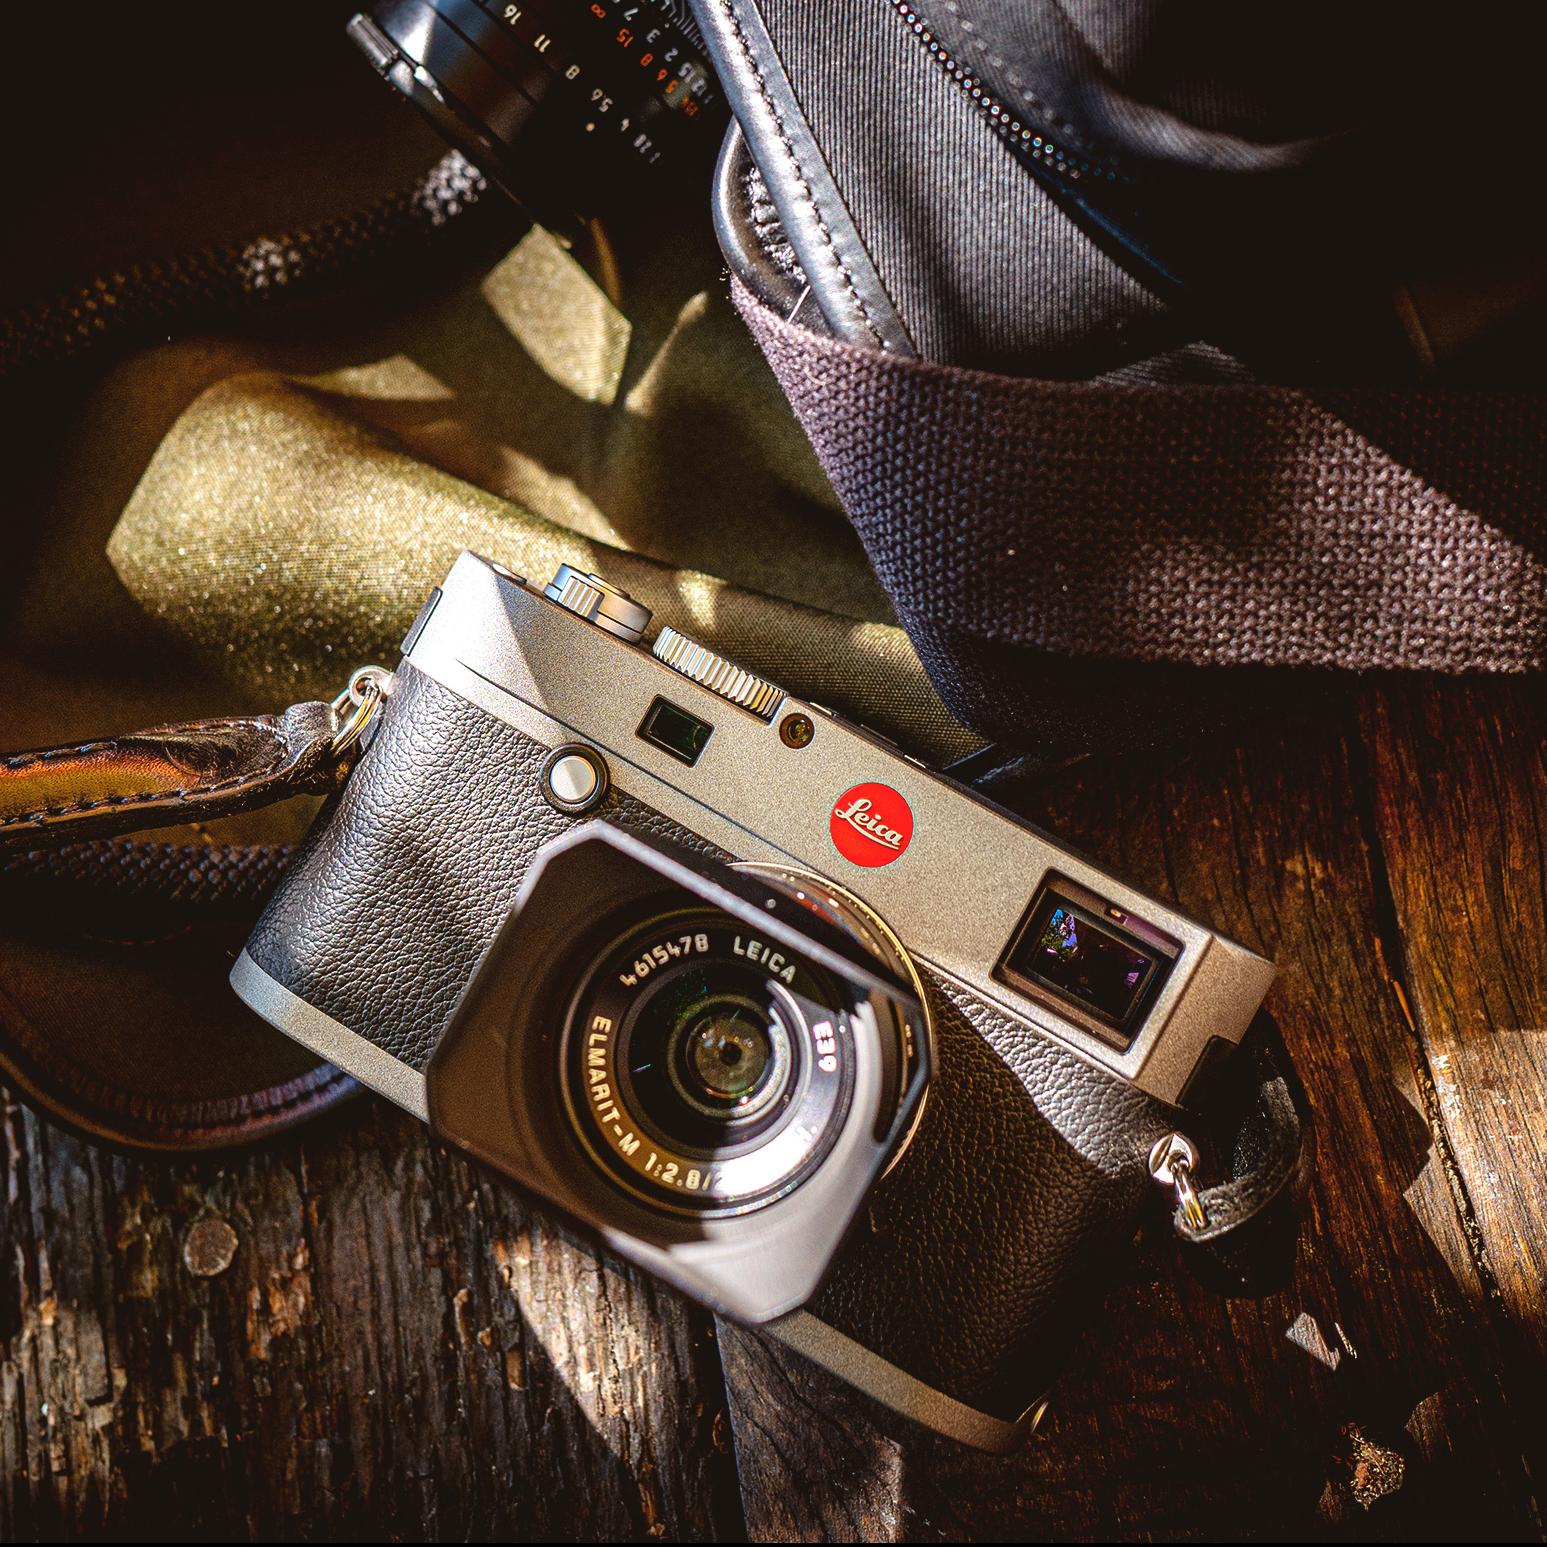 去繁從簡,還原攝影本質!徠卡推出全新入門級 M 系統相機